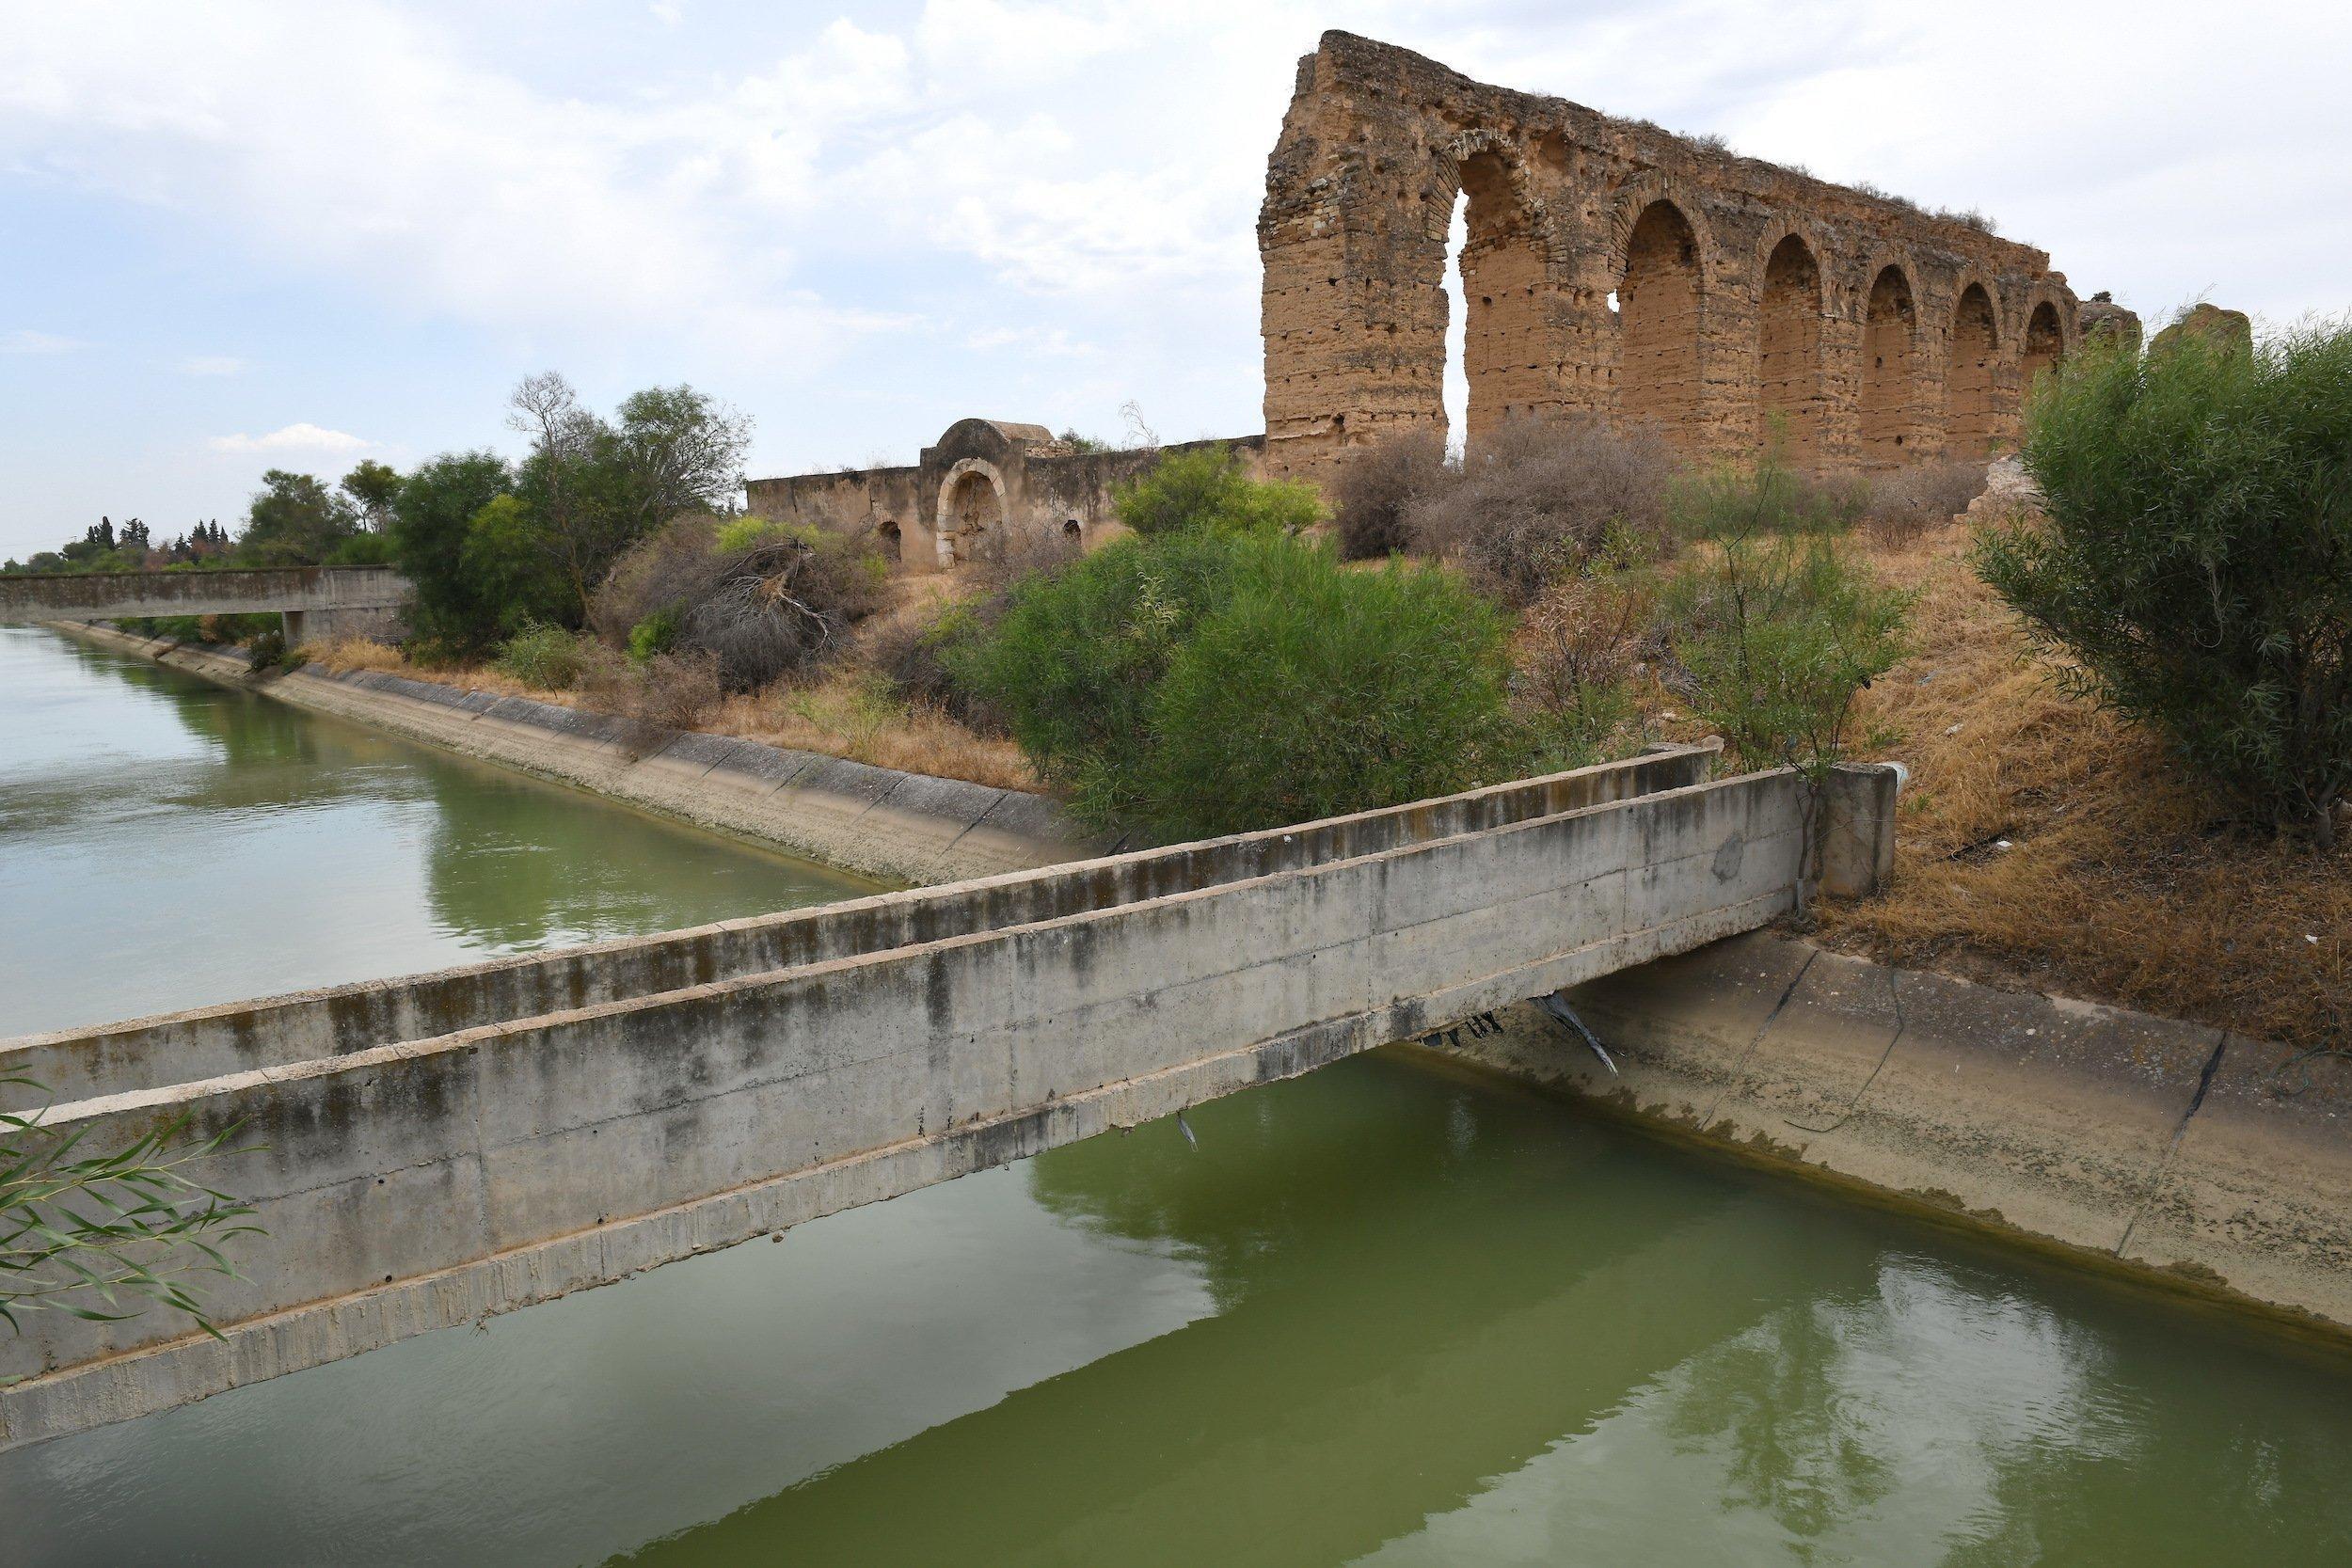 Im Hintergrund sind Ruinen eines römischen Aquädukts zu sehen, im Vordergrund der verschmutze Kanal Medjerda – Cap Bon